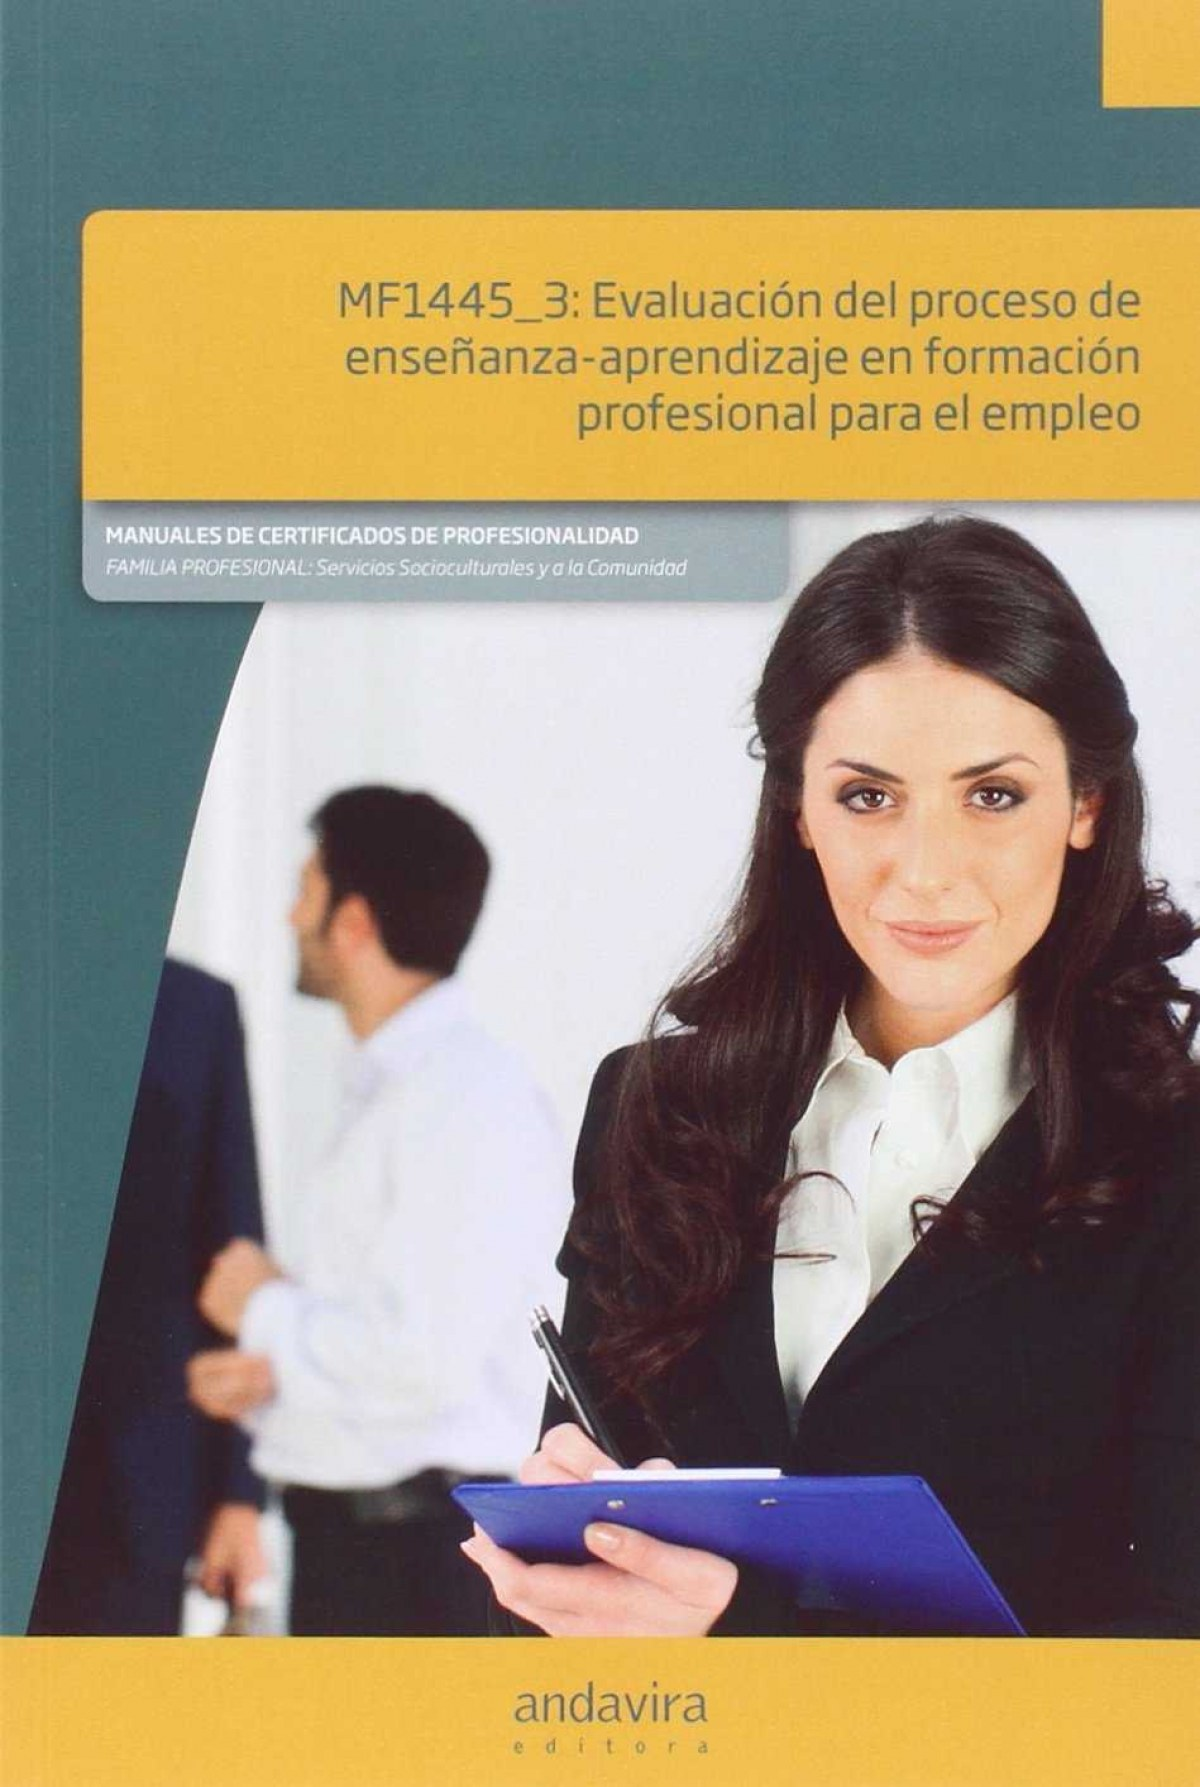 EvaluaciÓn proceso enseÑanza-aprendizaje formaciÓn empleo mf1445_3 - Vv.Aa.